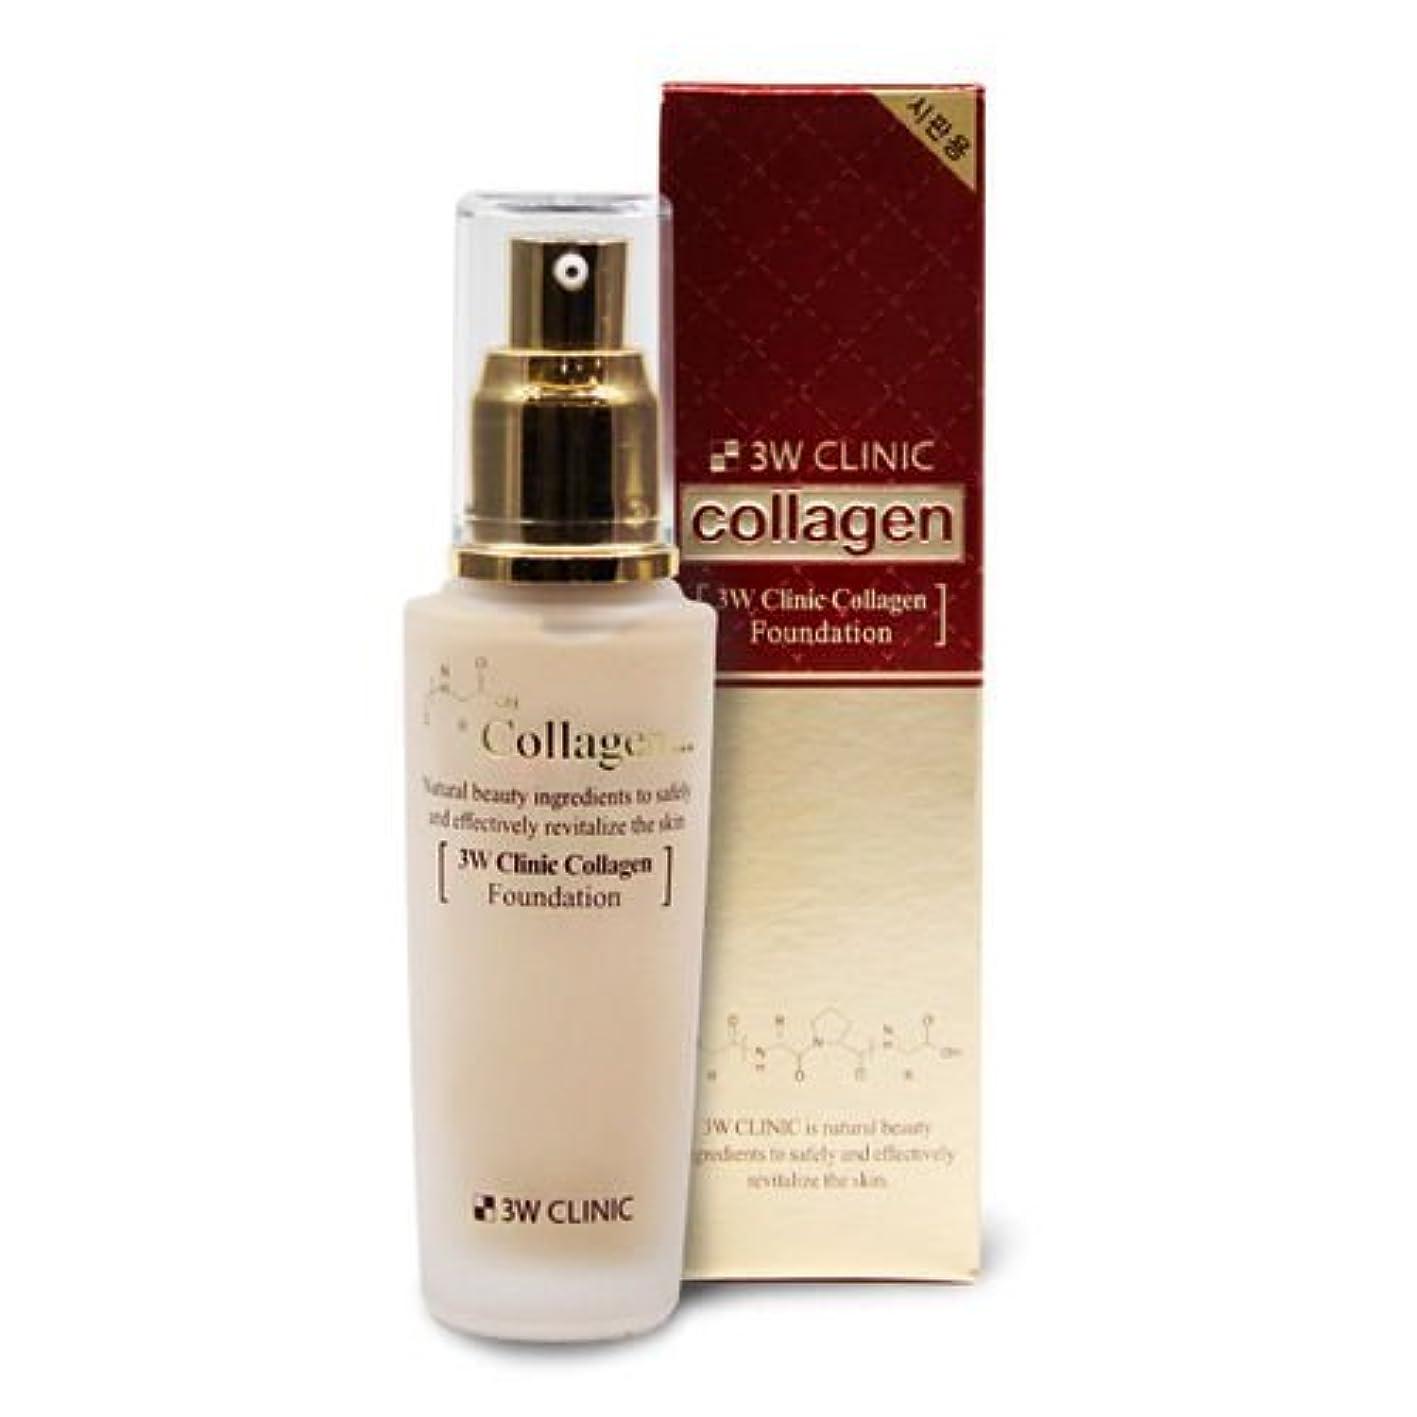 鍔ストレージ事業3Wクリニック[韓国コスメ3w Clinic]Collagen Foundation Perfect Cover Make-Up Base コラーゲンファンデーションパーフェクトカバーメイクアップベース50ml[並行輸入品...